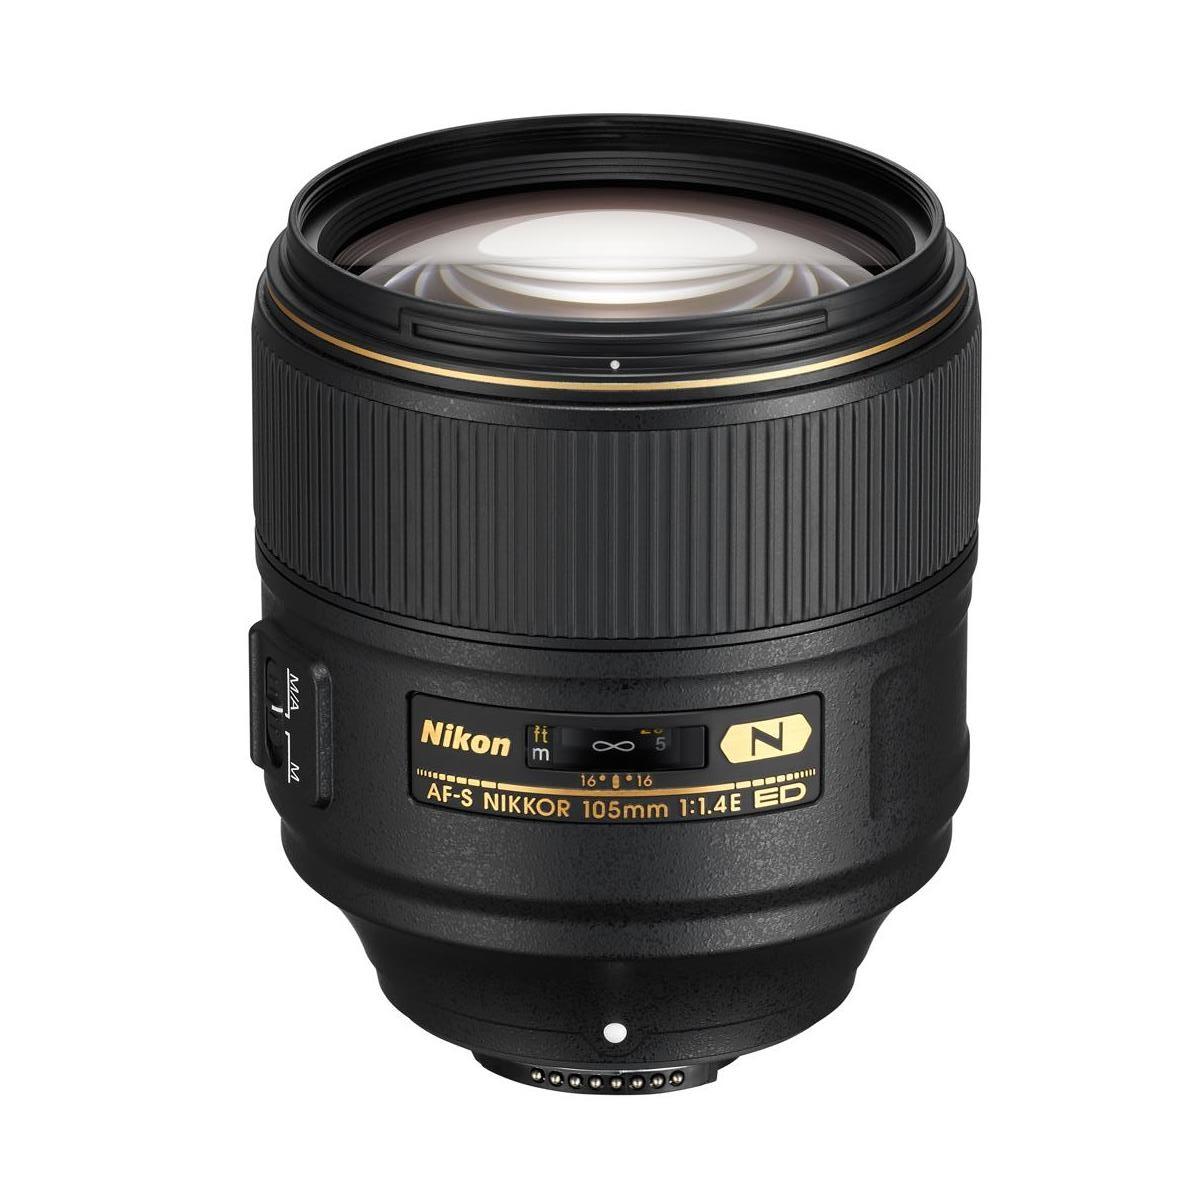 Nikon 105mm f/1.4E ED Nikkor Lens